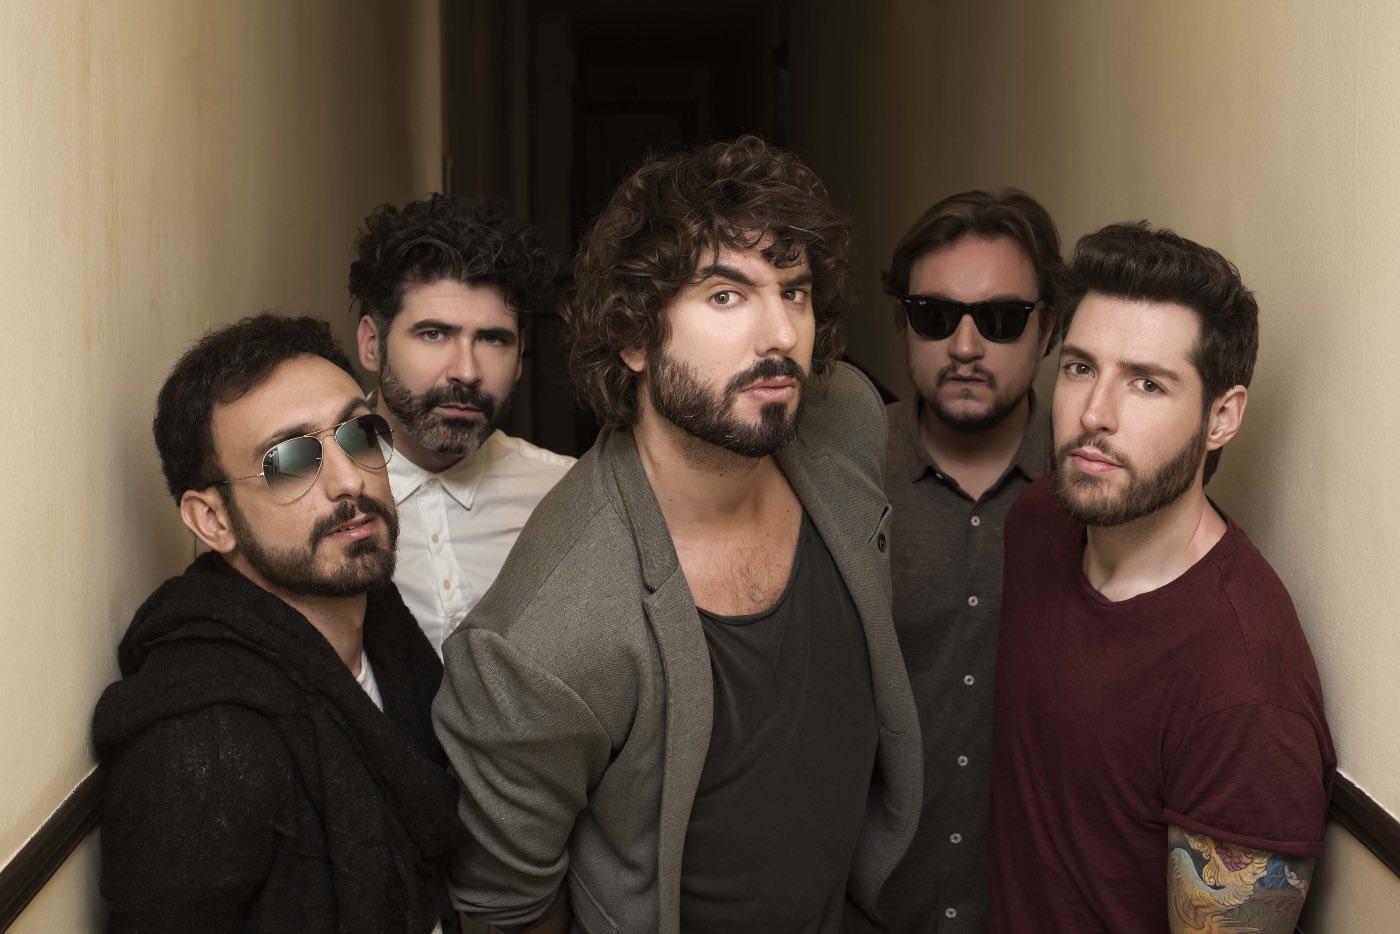 Izal ofrecen a sus fans la posibilidad de cantar con ellos y sonar en Spotify